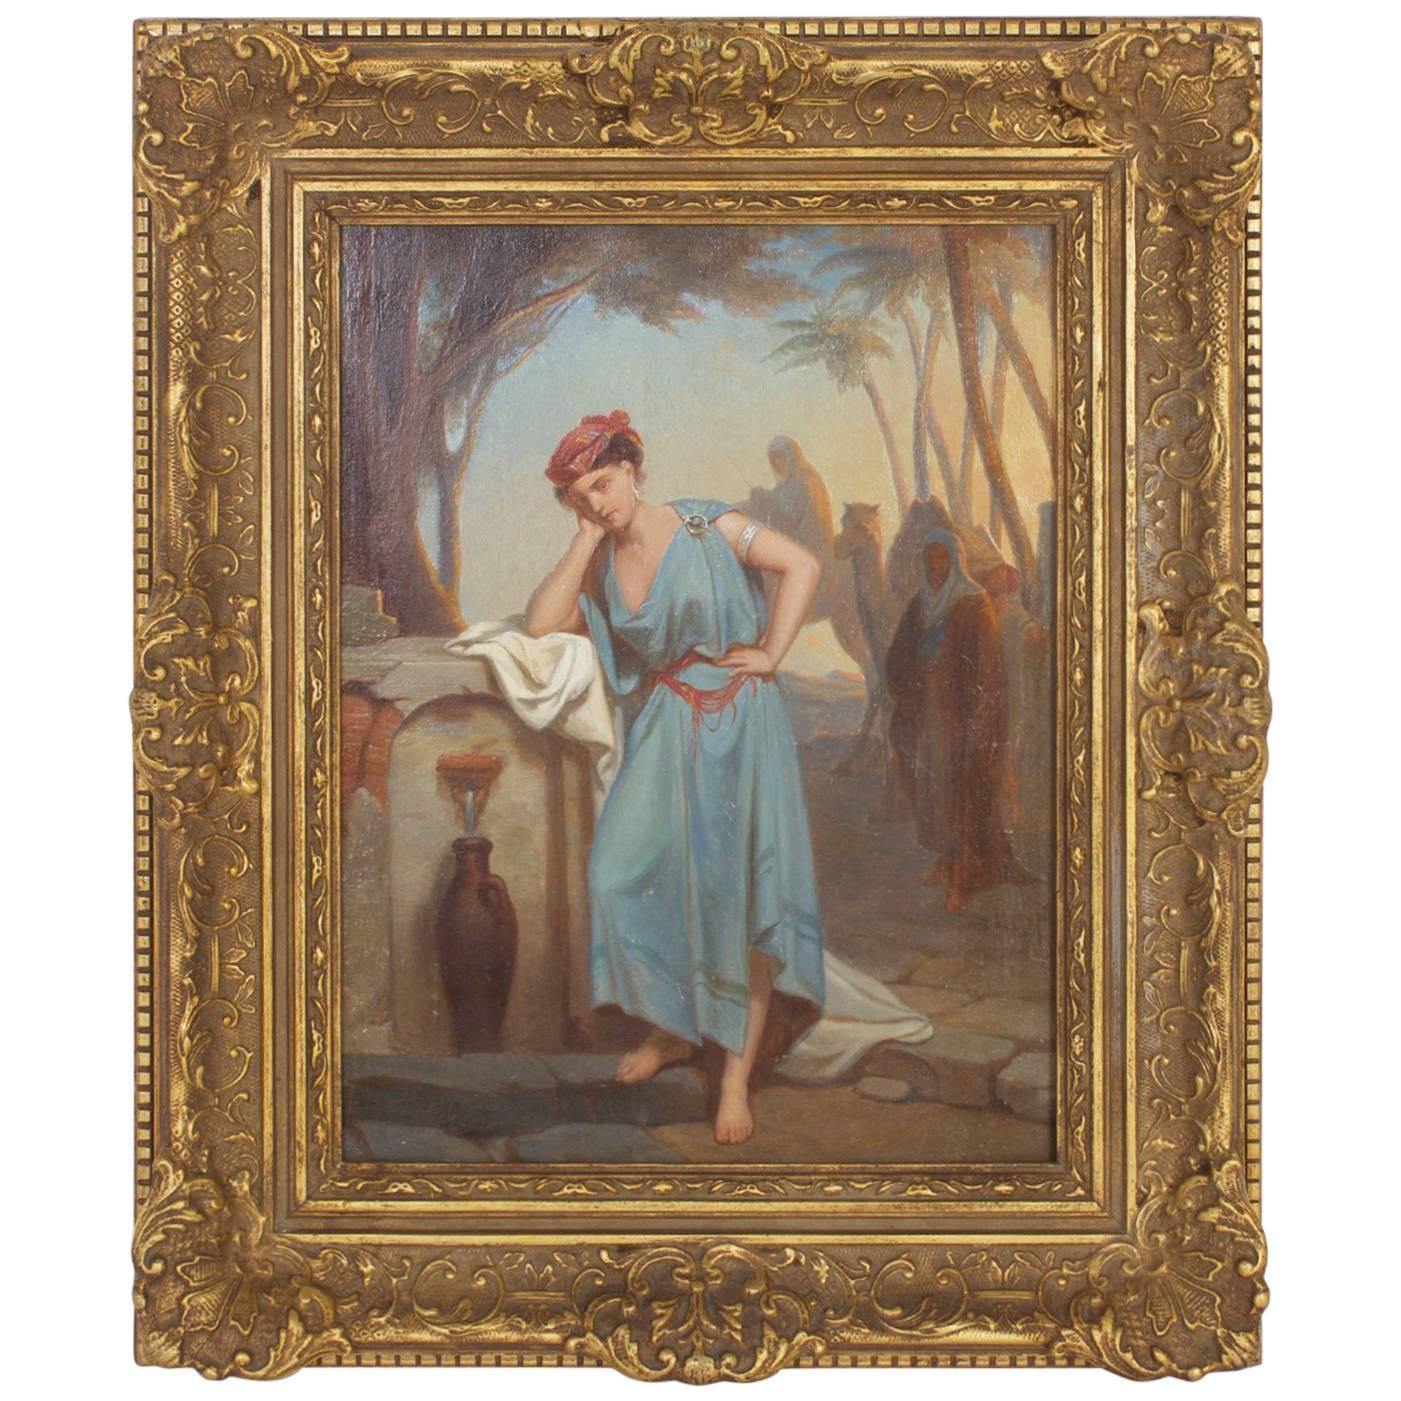 Illuminating 19th Century Oil on Board Orientalist Painting